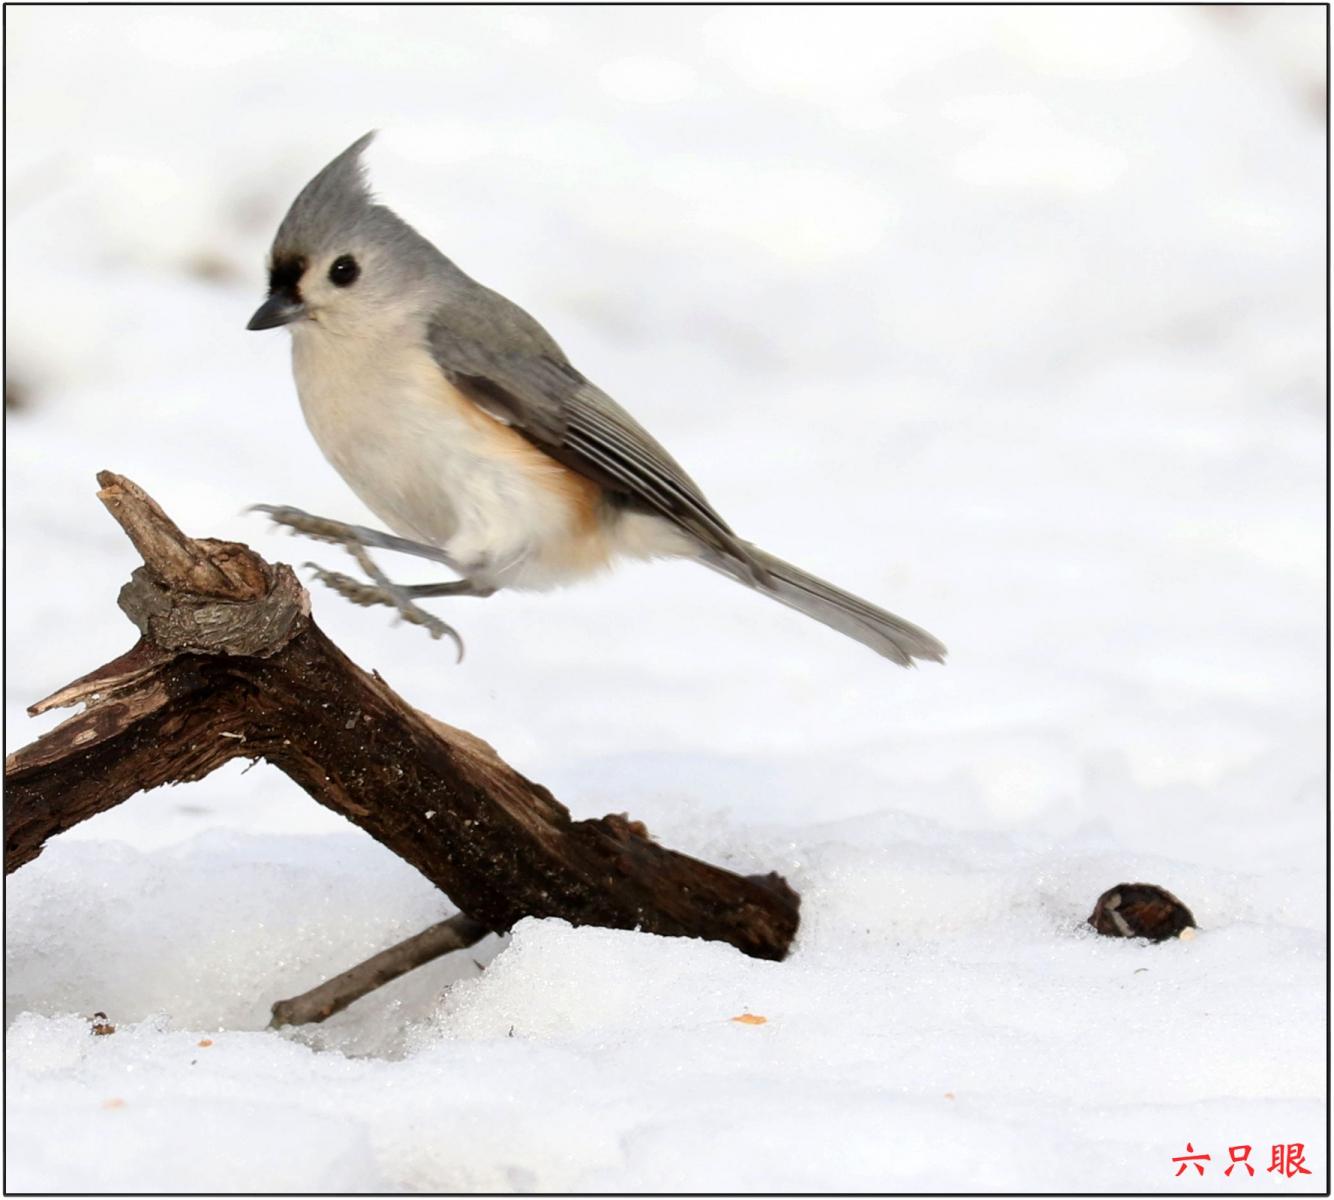 六只眼:雪中小鸟觅食忙_图1-2